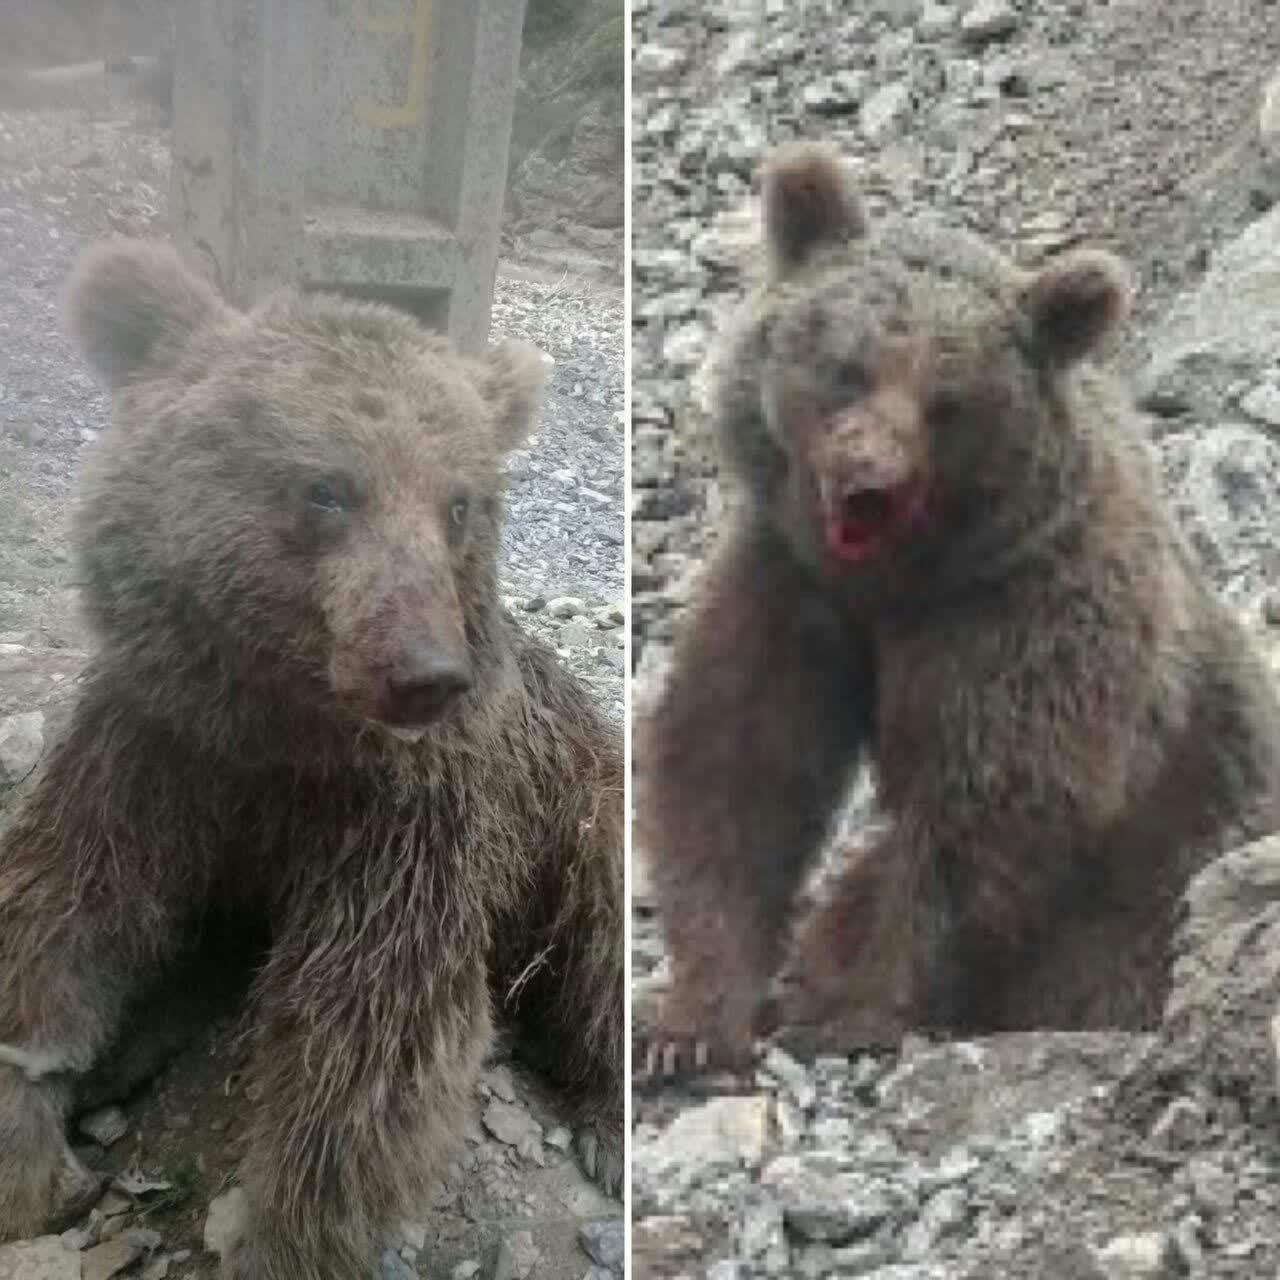 محیطزیست سوادکوه به حکم تبرئه خرس کش ها اعتراض کرد